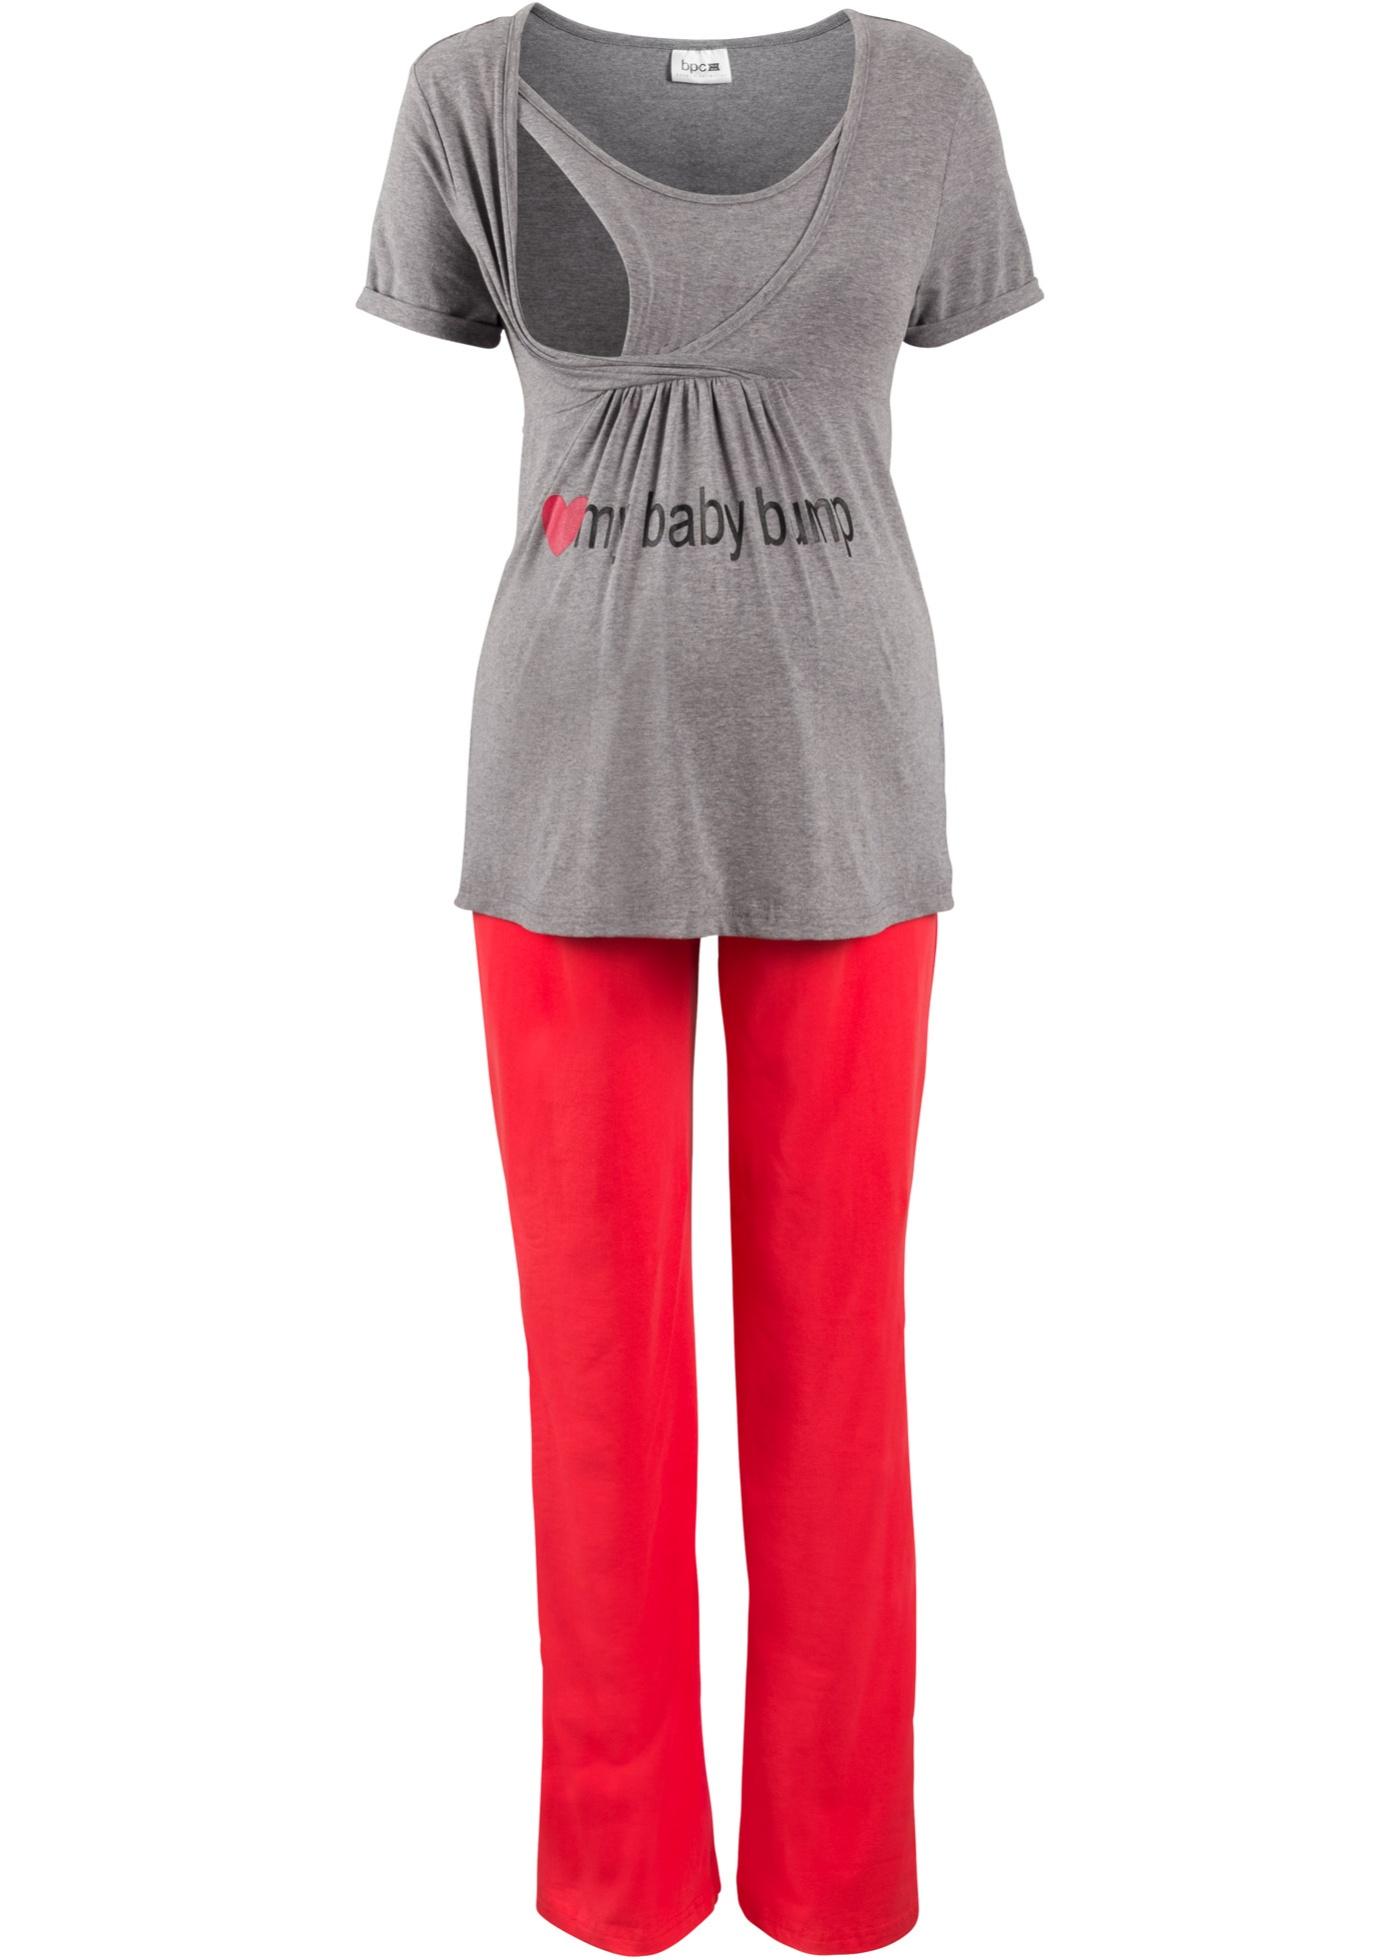 Pyjama Pour CollectionNice Gris Allaitement Size Et Manches Courtes Bonprix Femme Grossesse Bpc De BodxeC